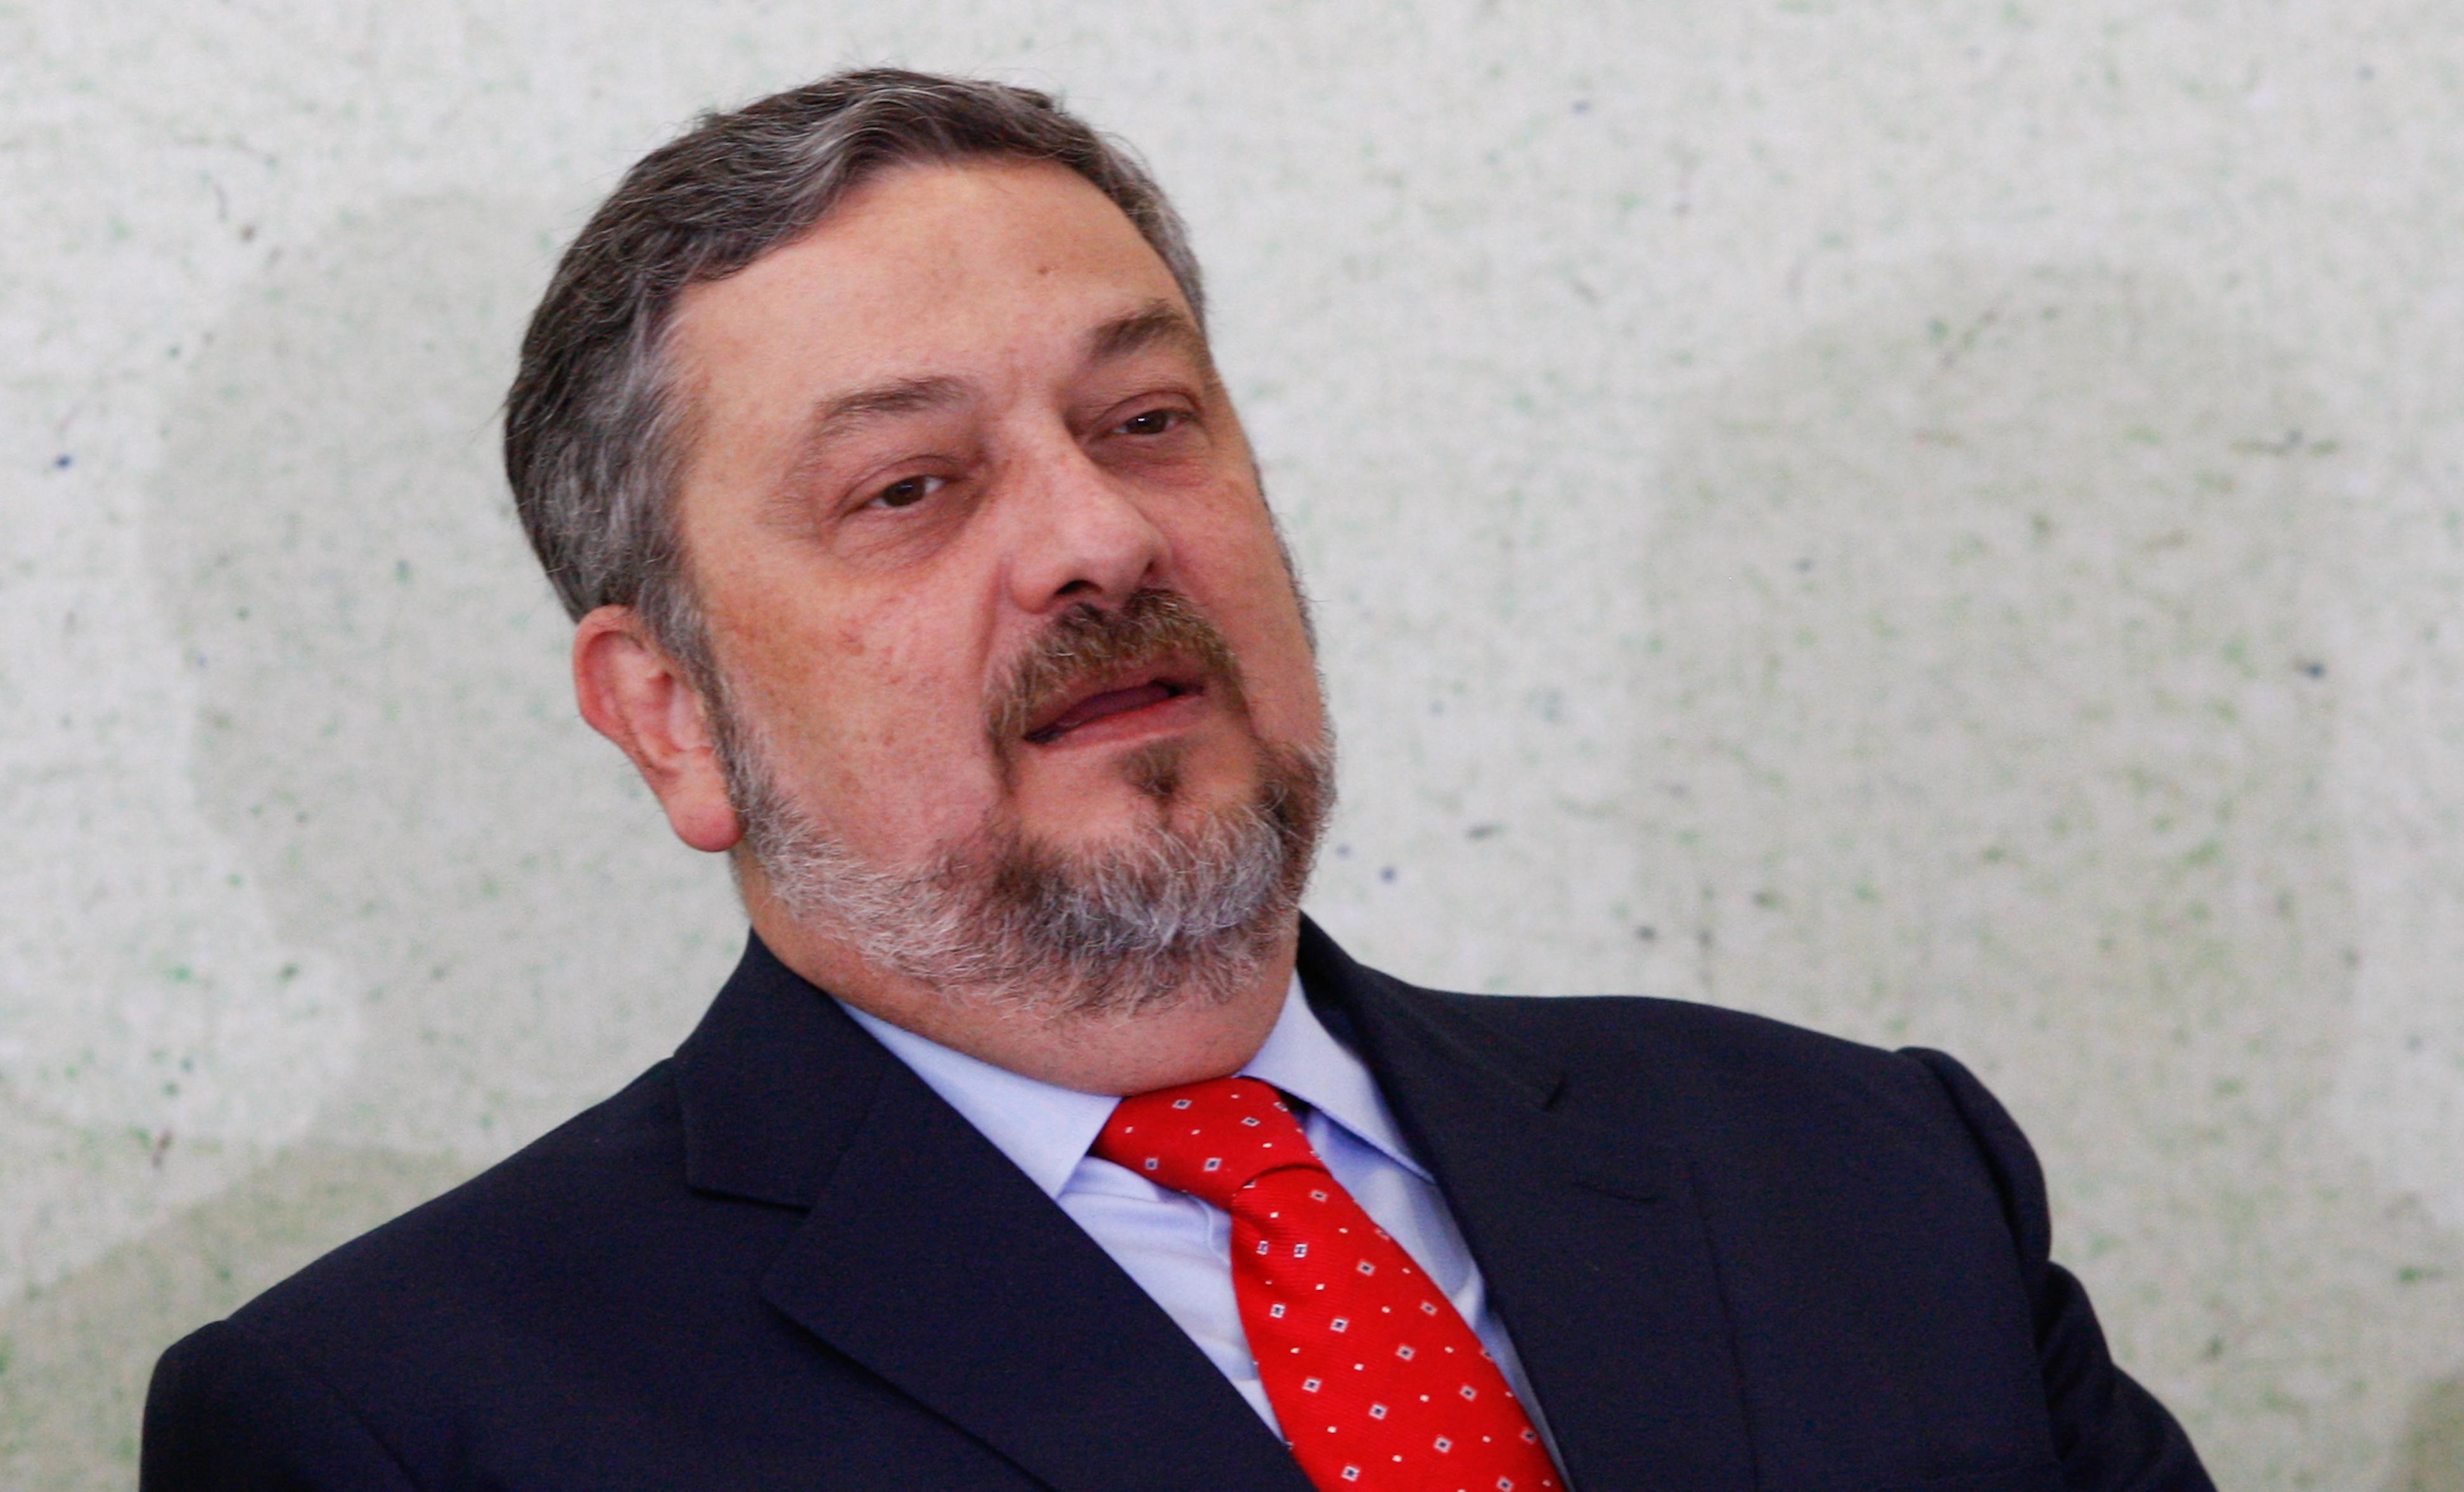 IMAGEM: Palocci e ex-diretores da Petrobras também se calaram em CPIs